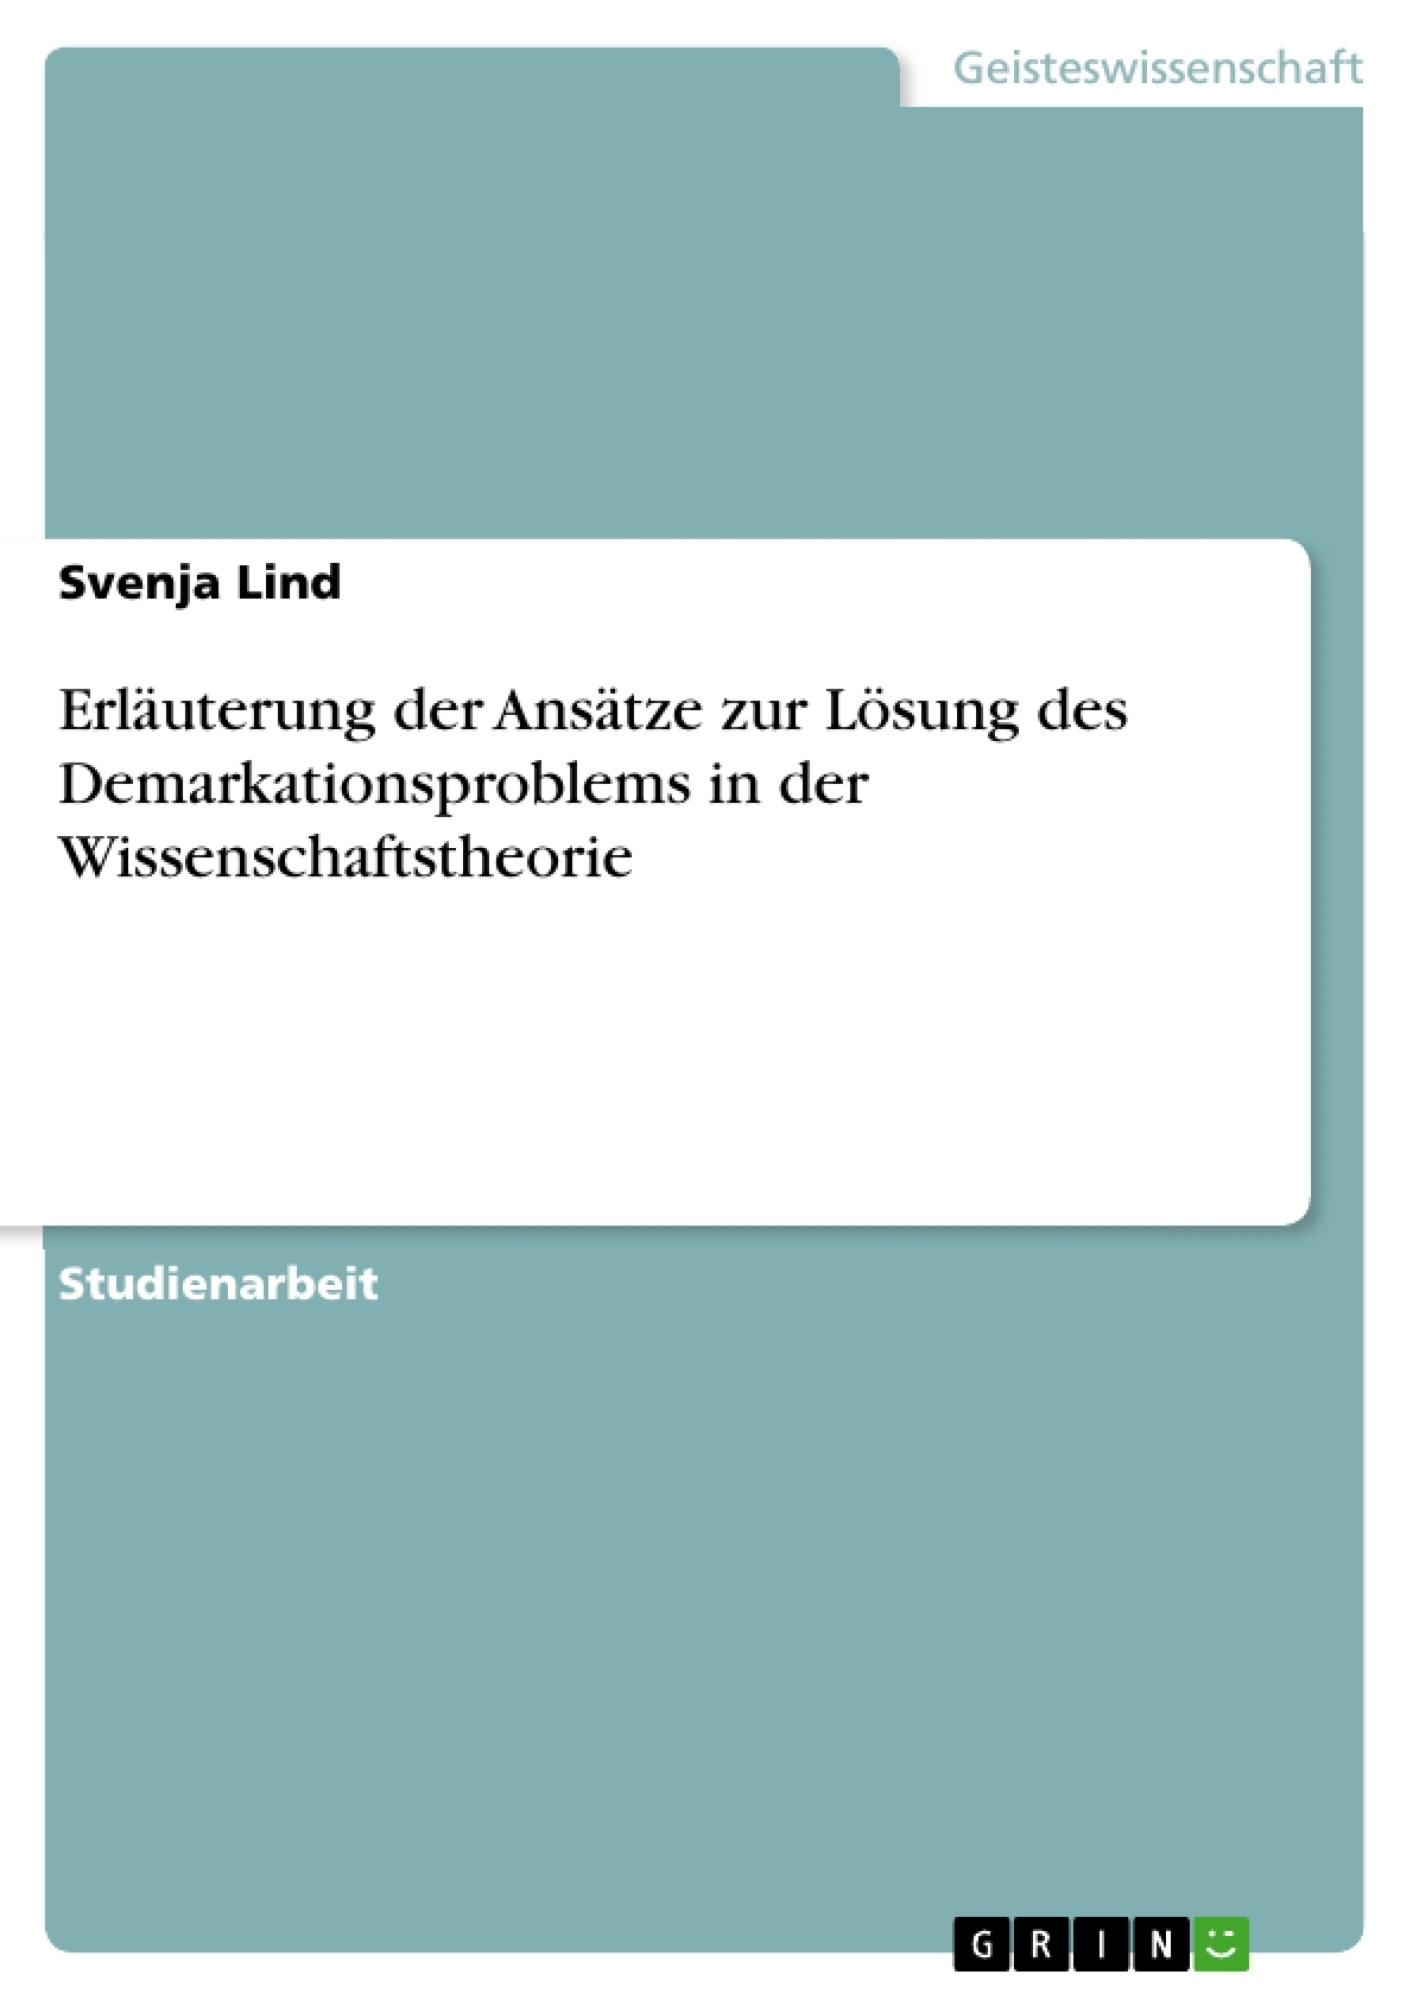 Titel: Erläuterung der Ansätze zur Lösung des Demarkationsproblems in der Wissenschaftstheorie